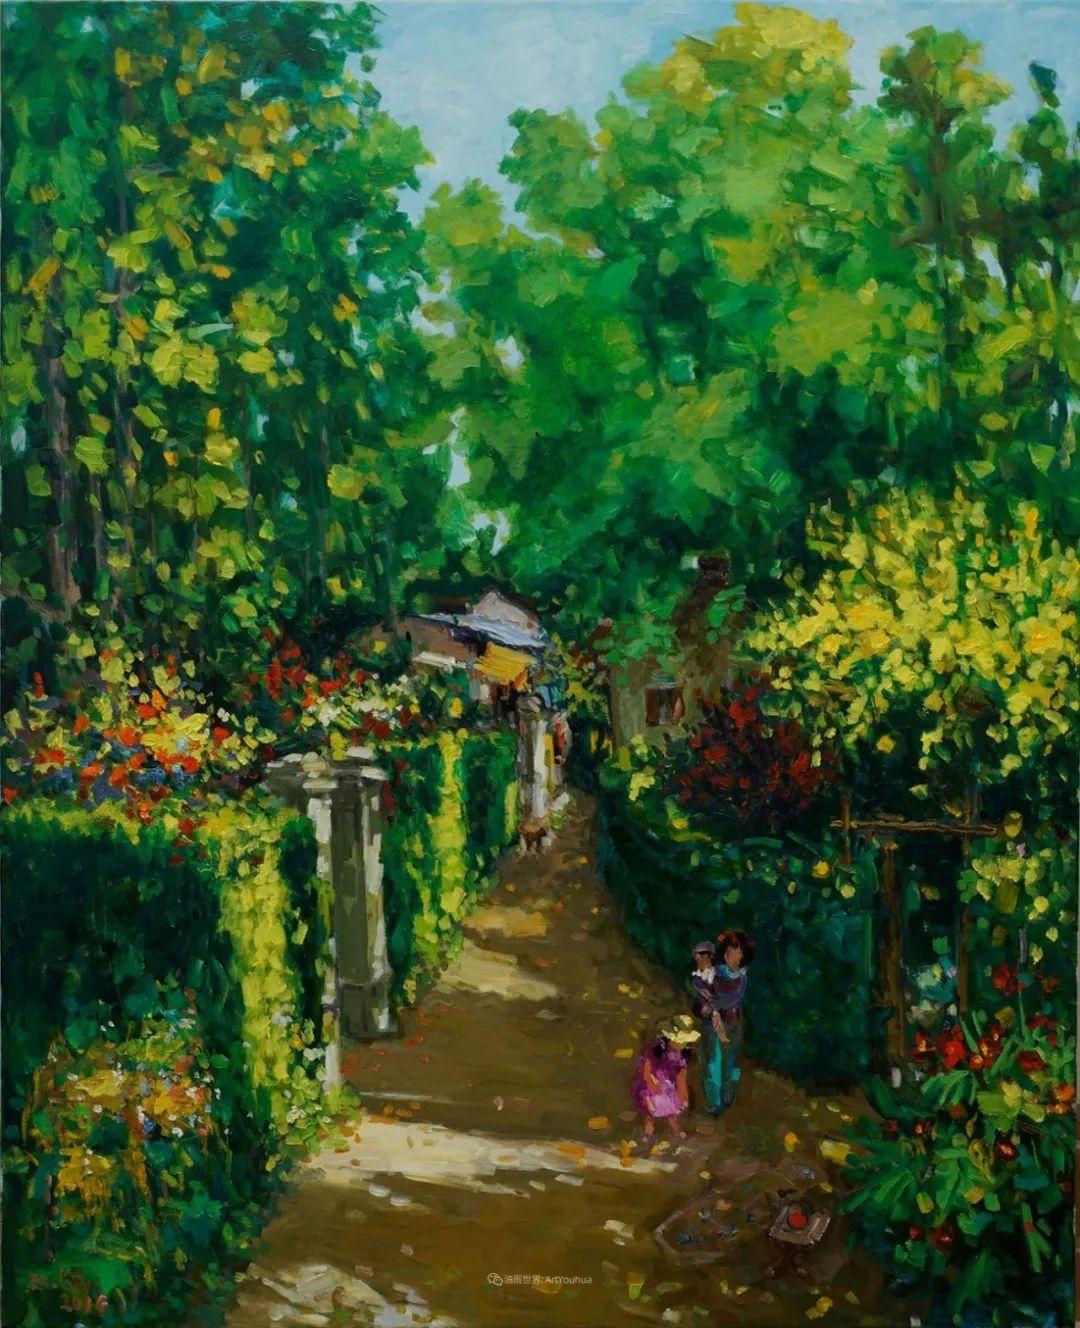 越南画家笔下的美景、美人!插图8